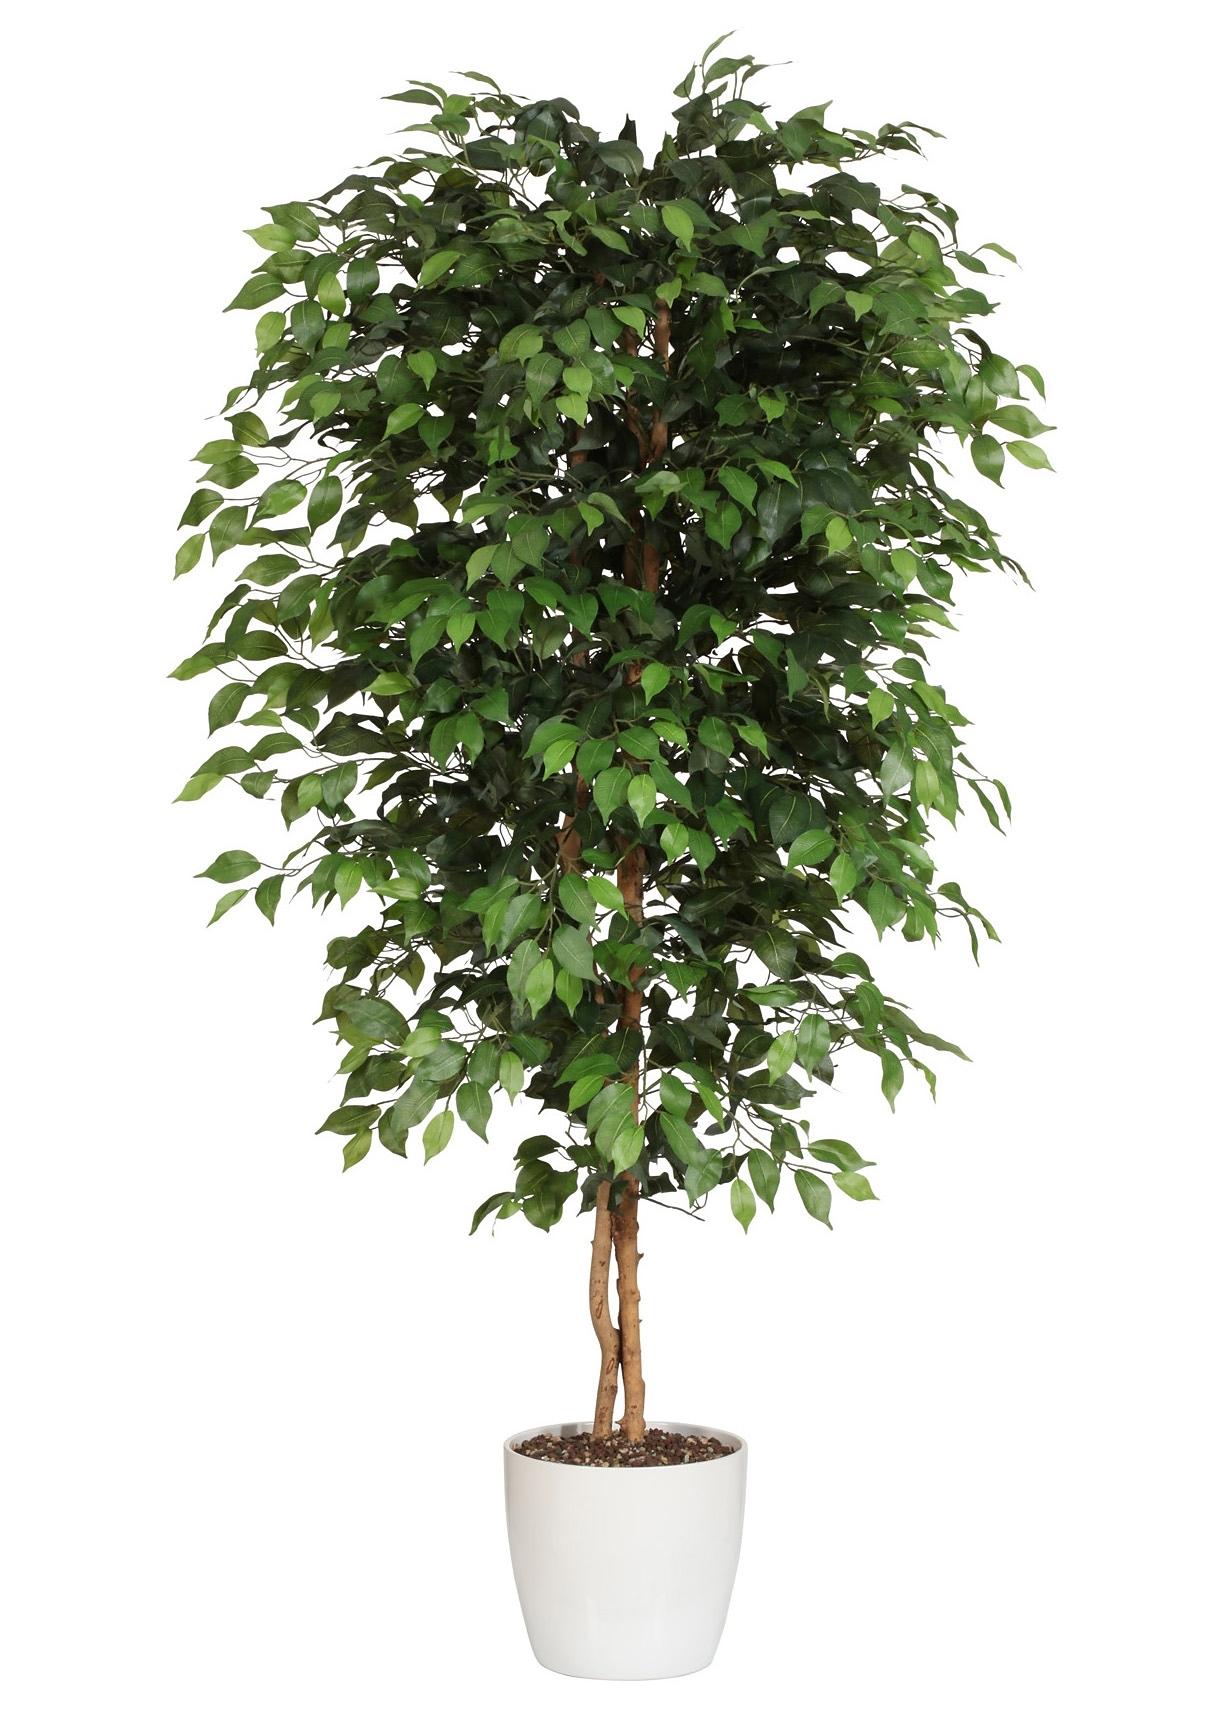 Premium Collection By Home Affaire Kunstplant Ficus Benjamini voordelig en veilig online kopen